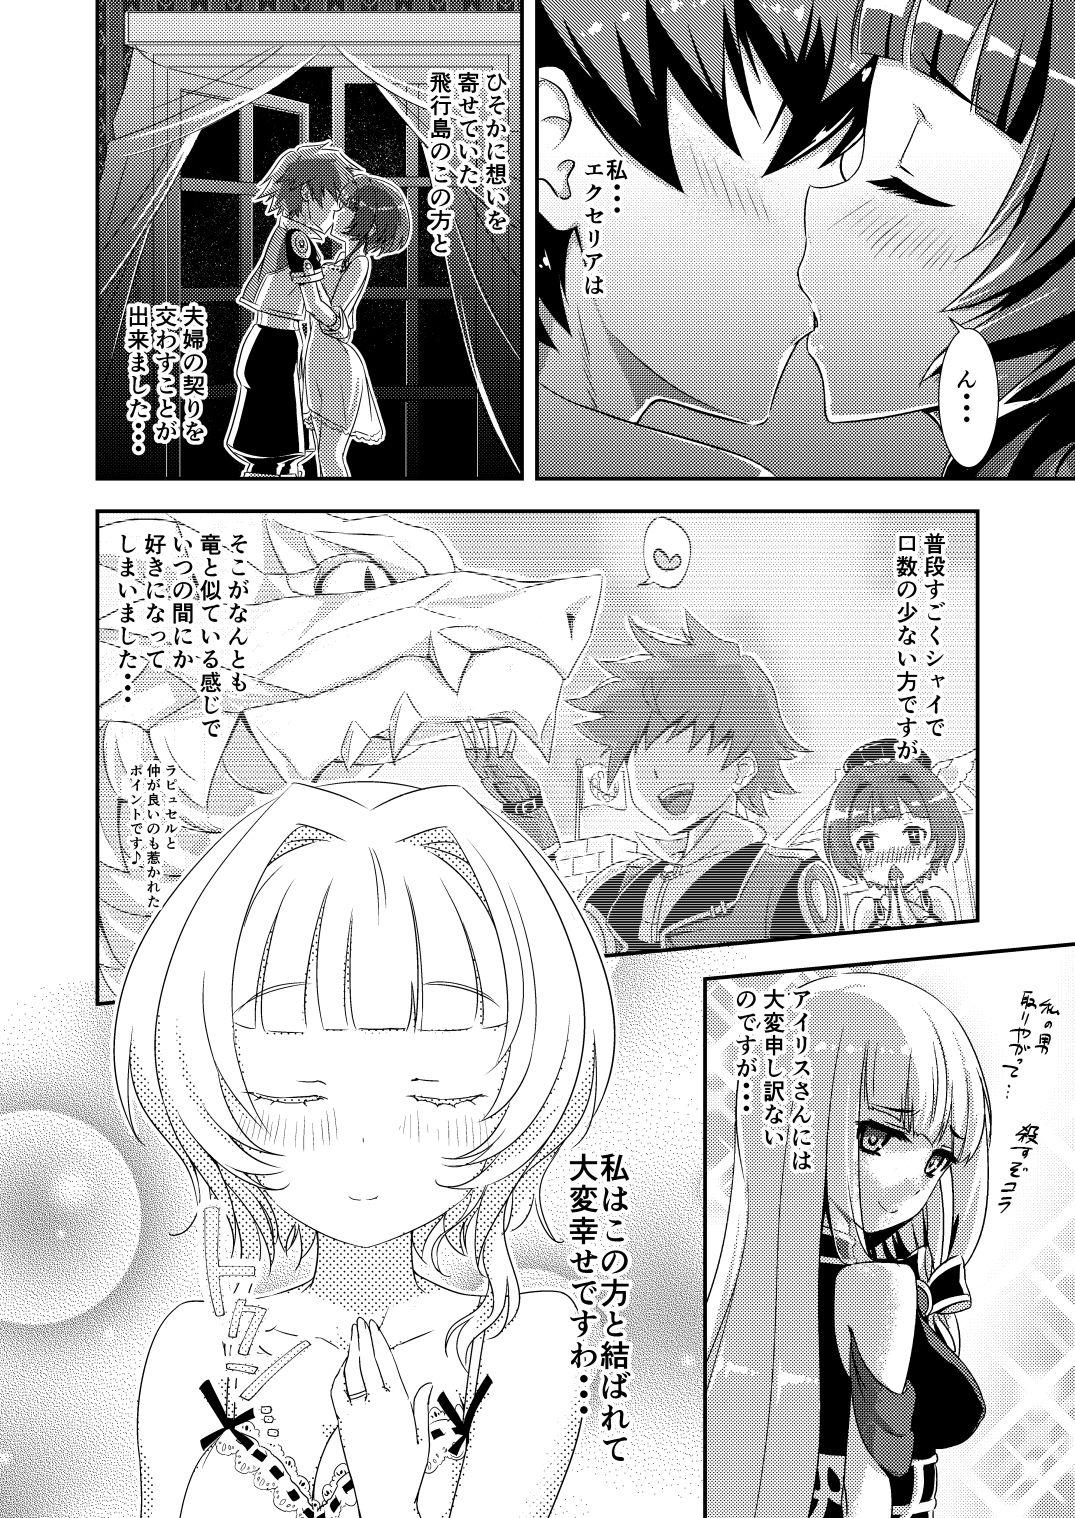 【白猫プロジェクト 同人】エクセリアと子作り新婚初夜withL